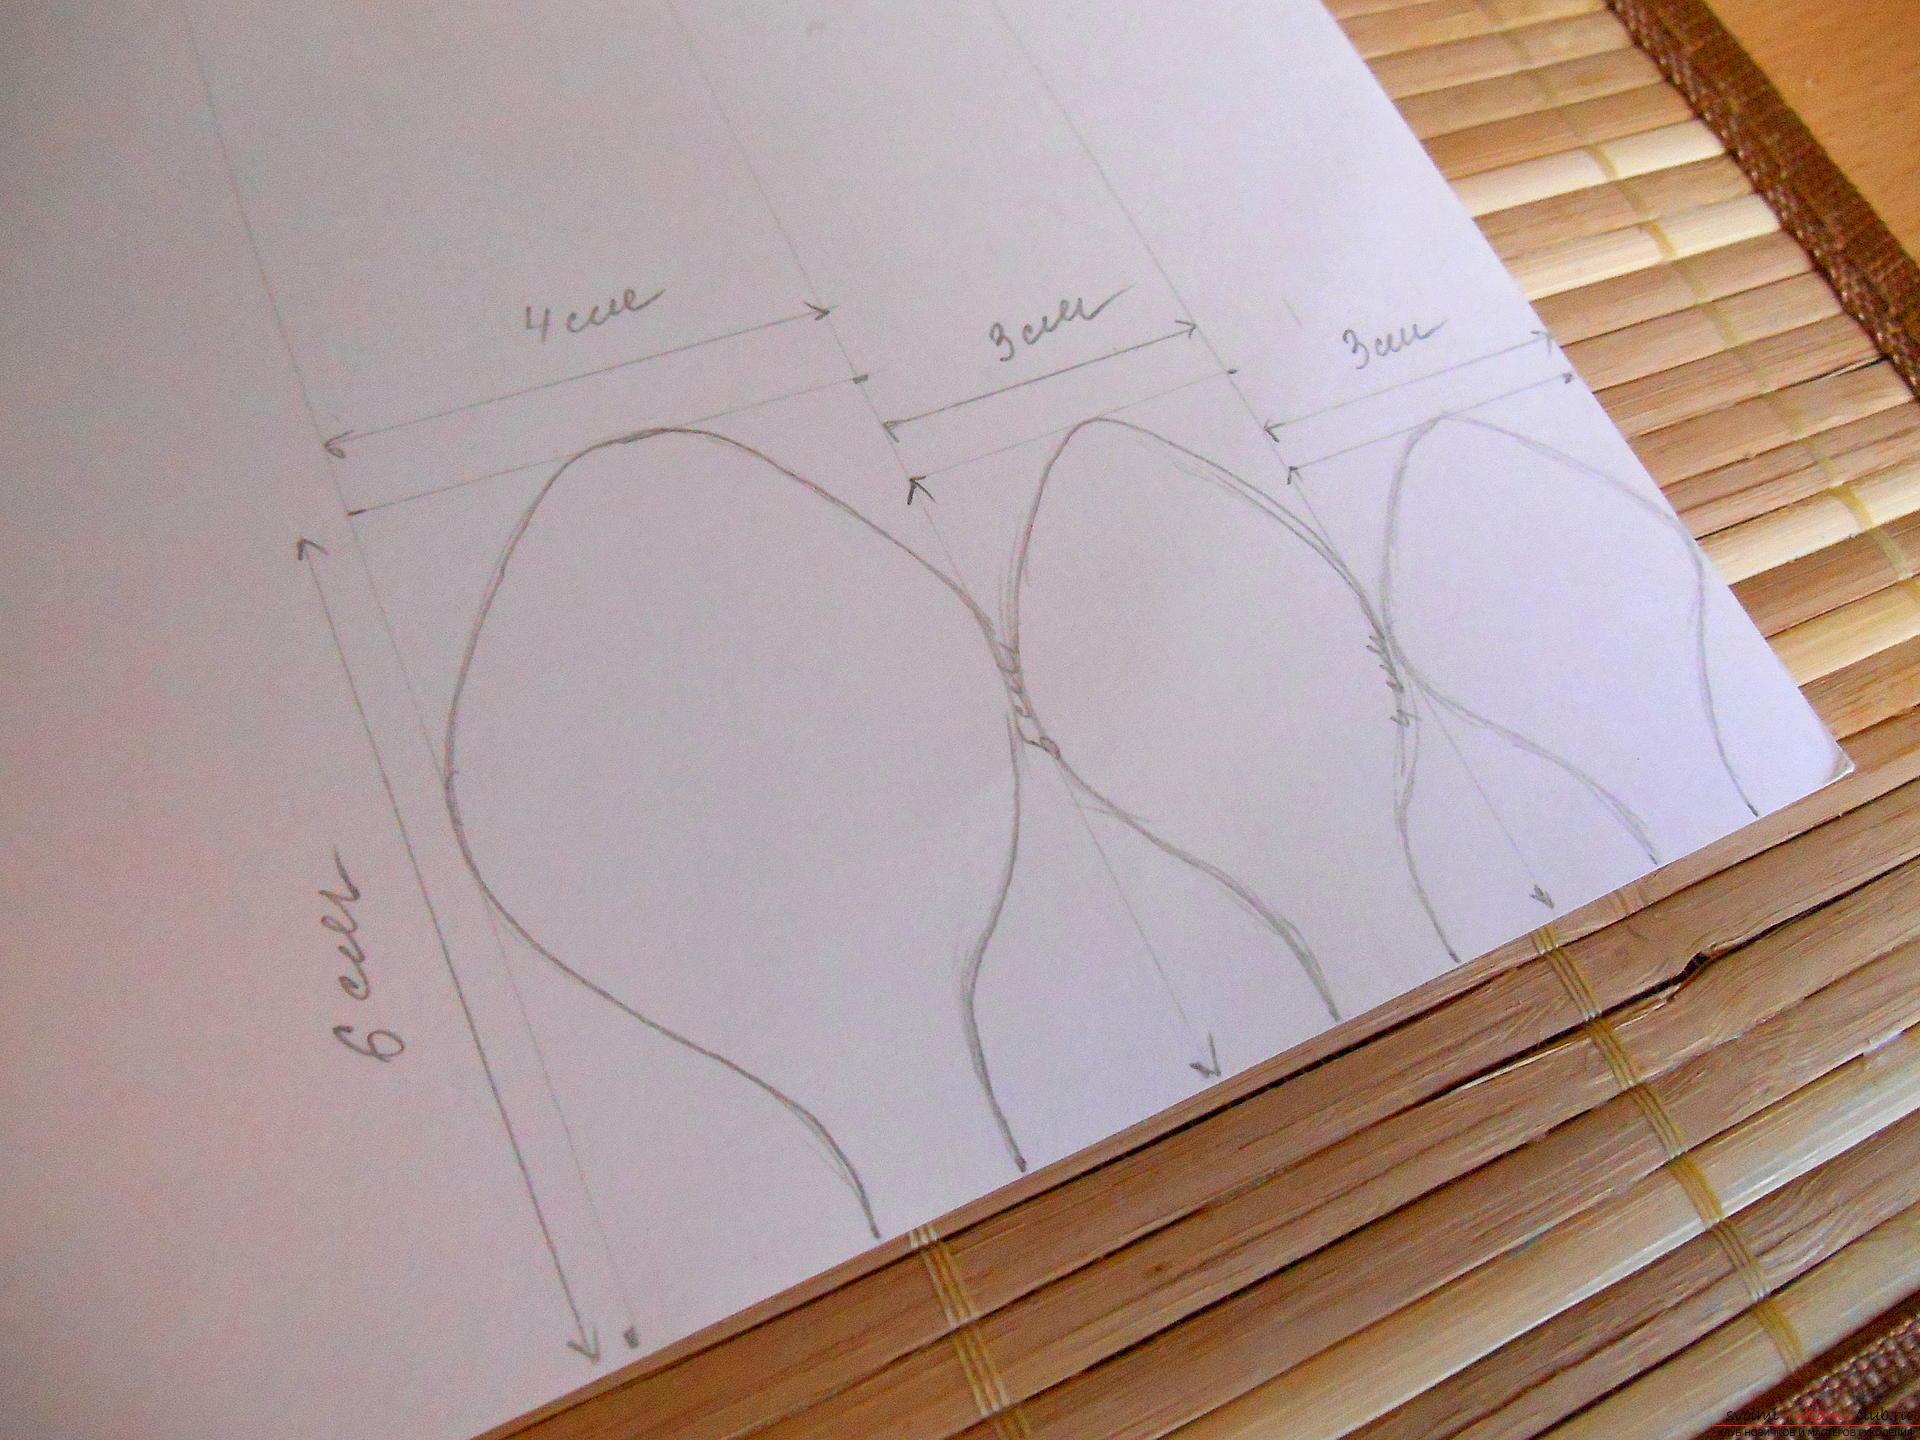 Душевая кабина своими руками - 73 фото лучших идей дизайна!